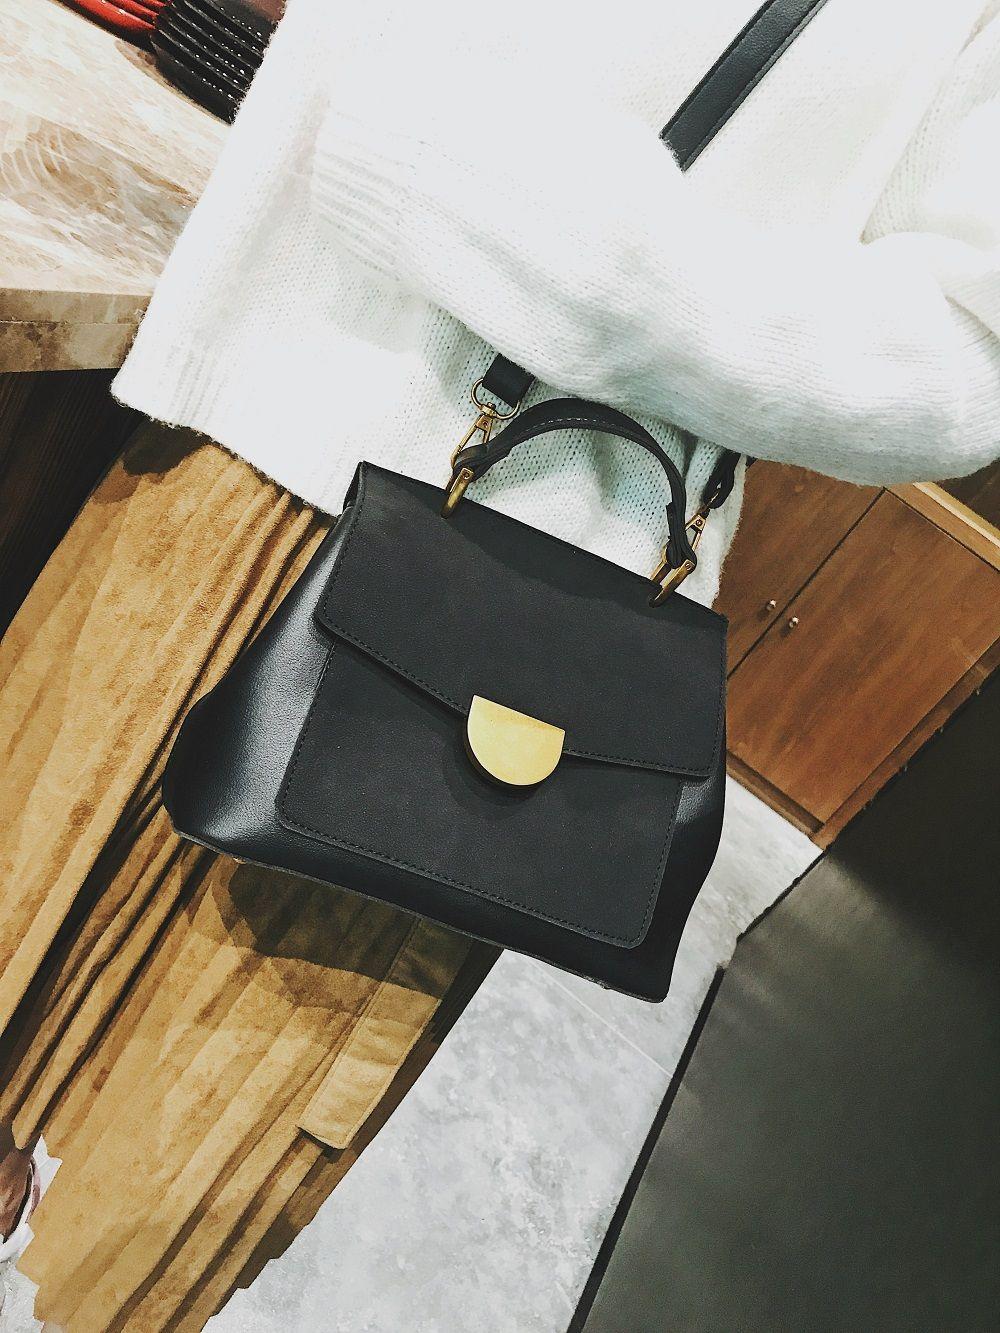 Atmospheric Wild Bag Female 2018 New Fashion Matte Leather Shoulder Messenger Bag Simple Commuter Handbag